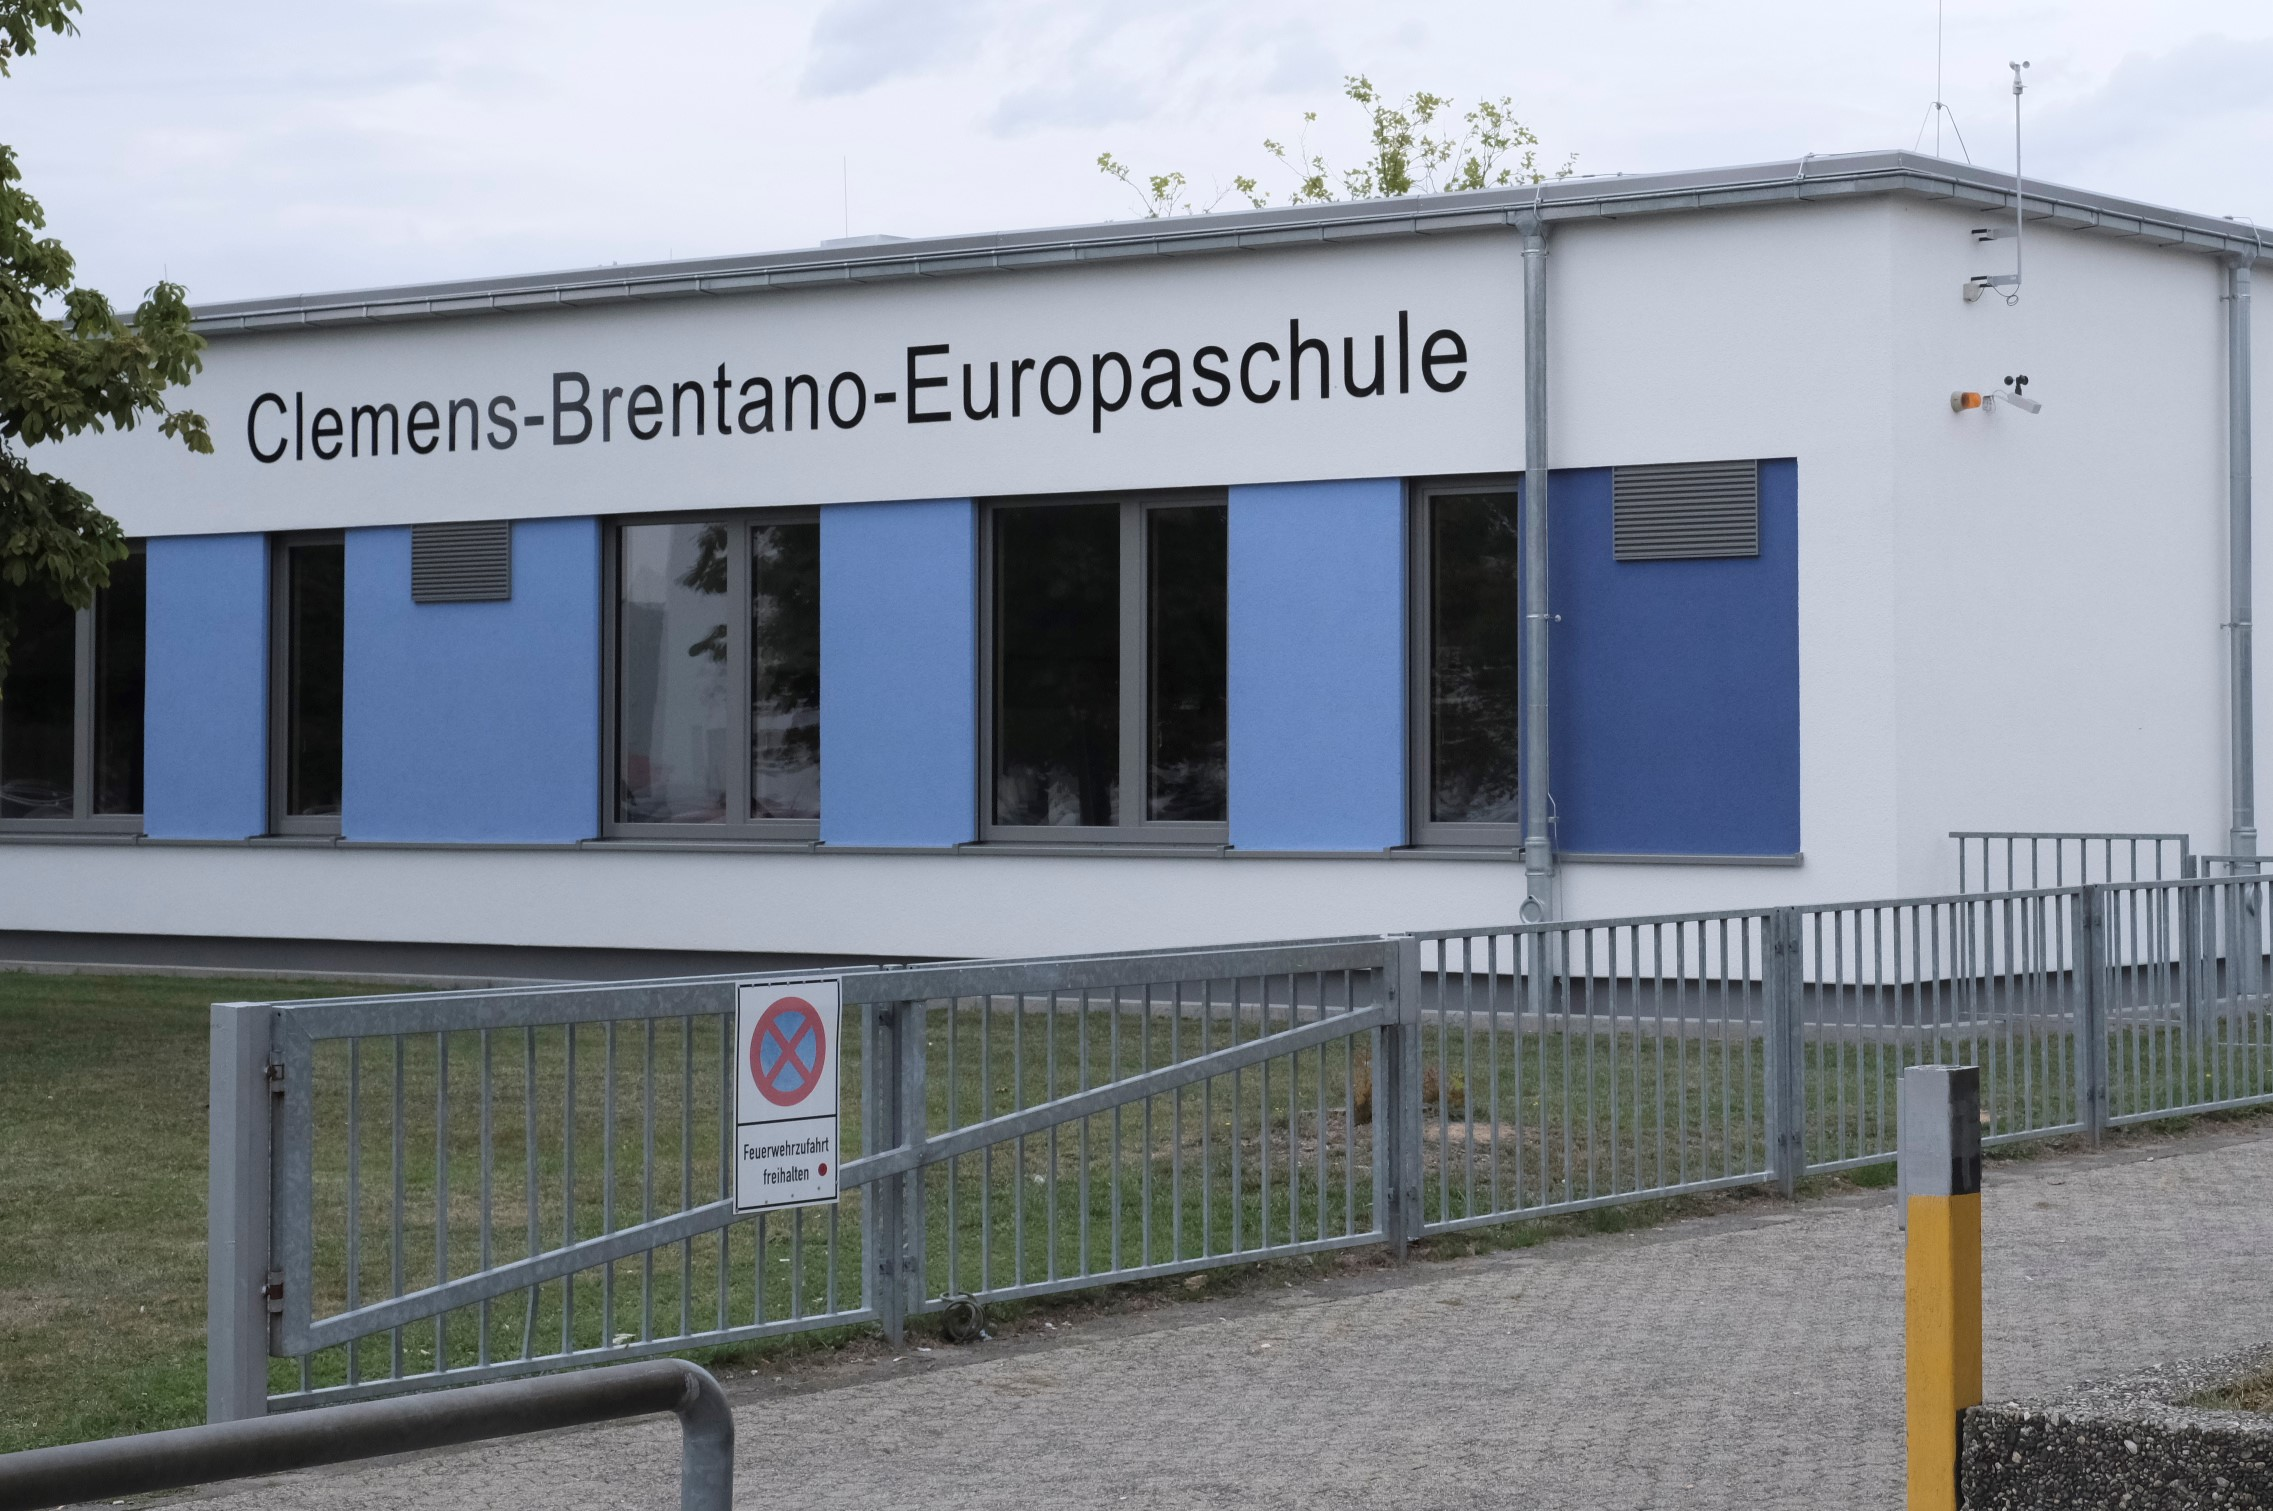 Außenansicht der Clemens-Brentano-Europaschule